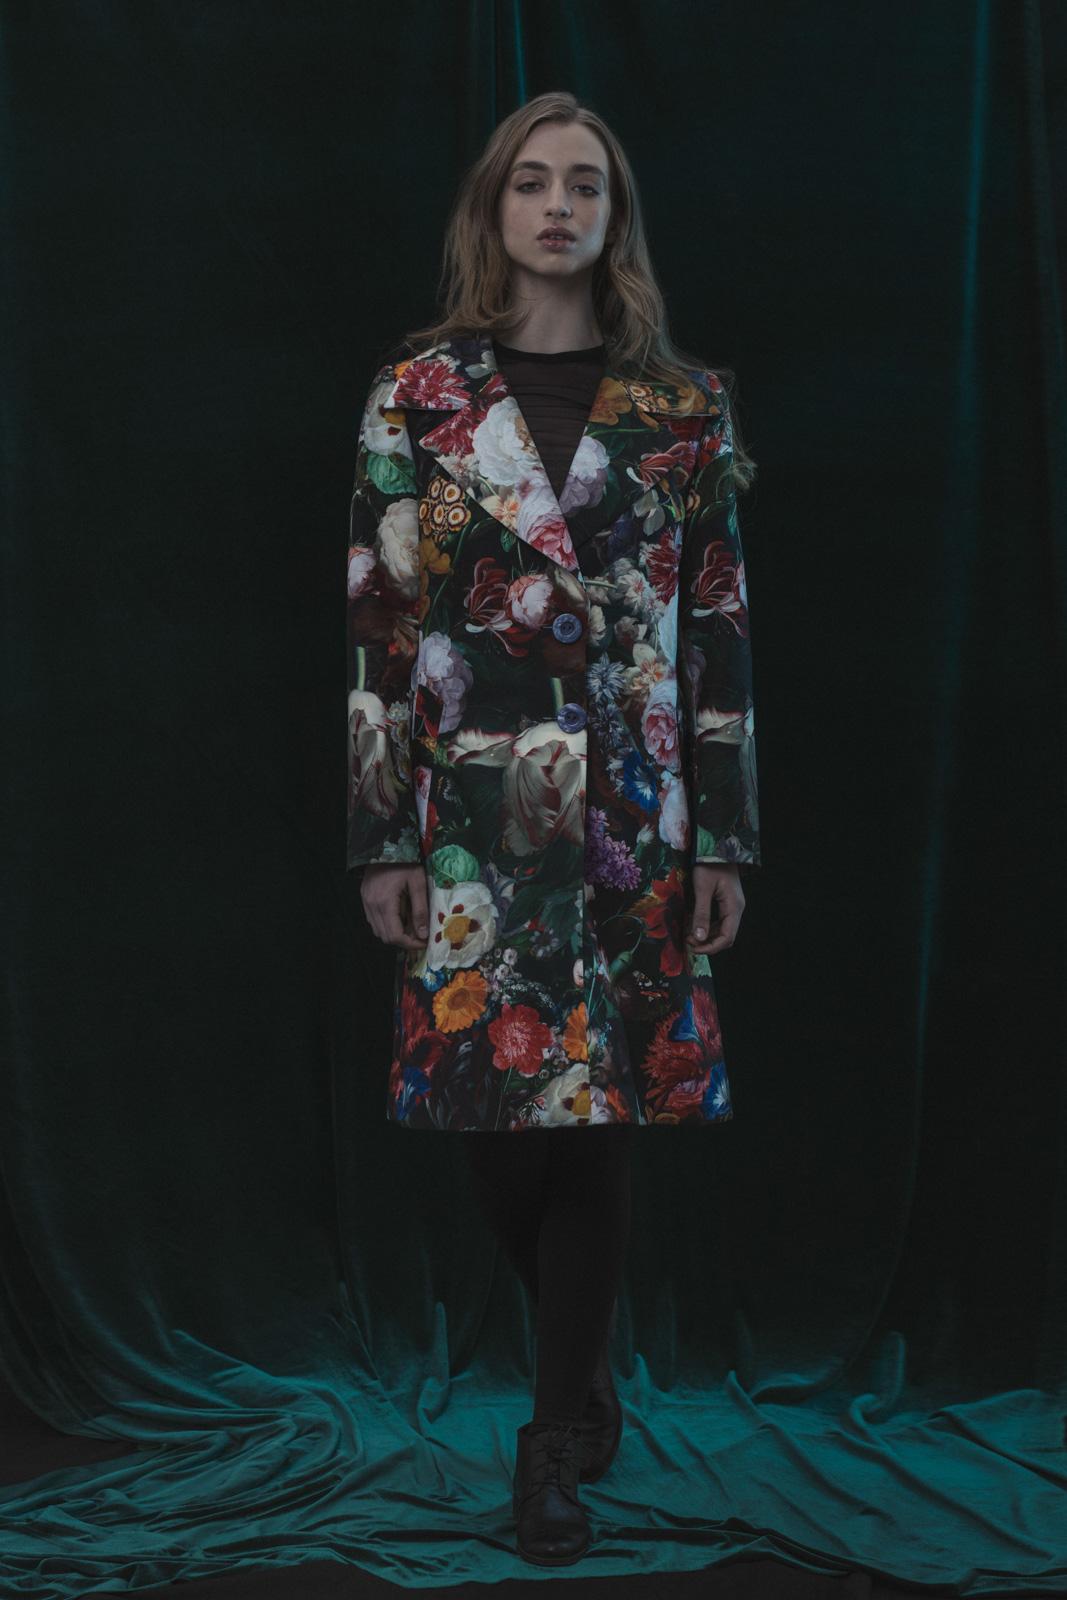 abrigo diseñado por Carolina Arias de tienda Bazar La Pasión